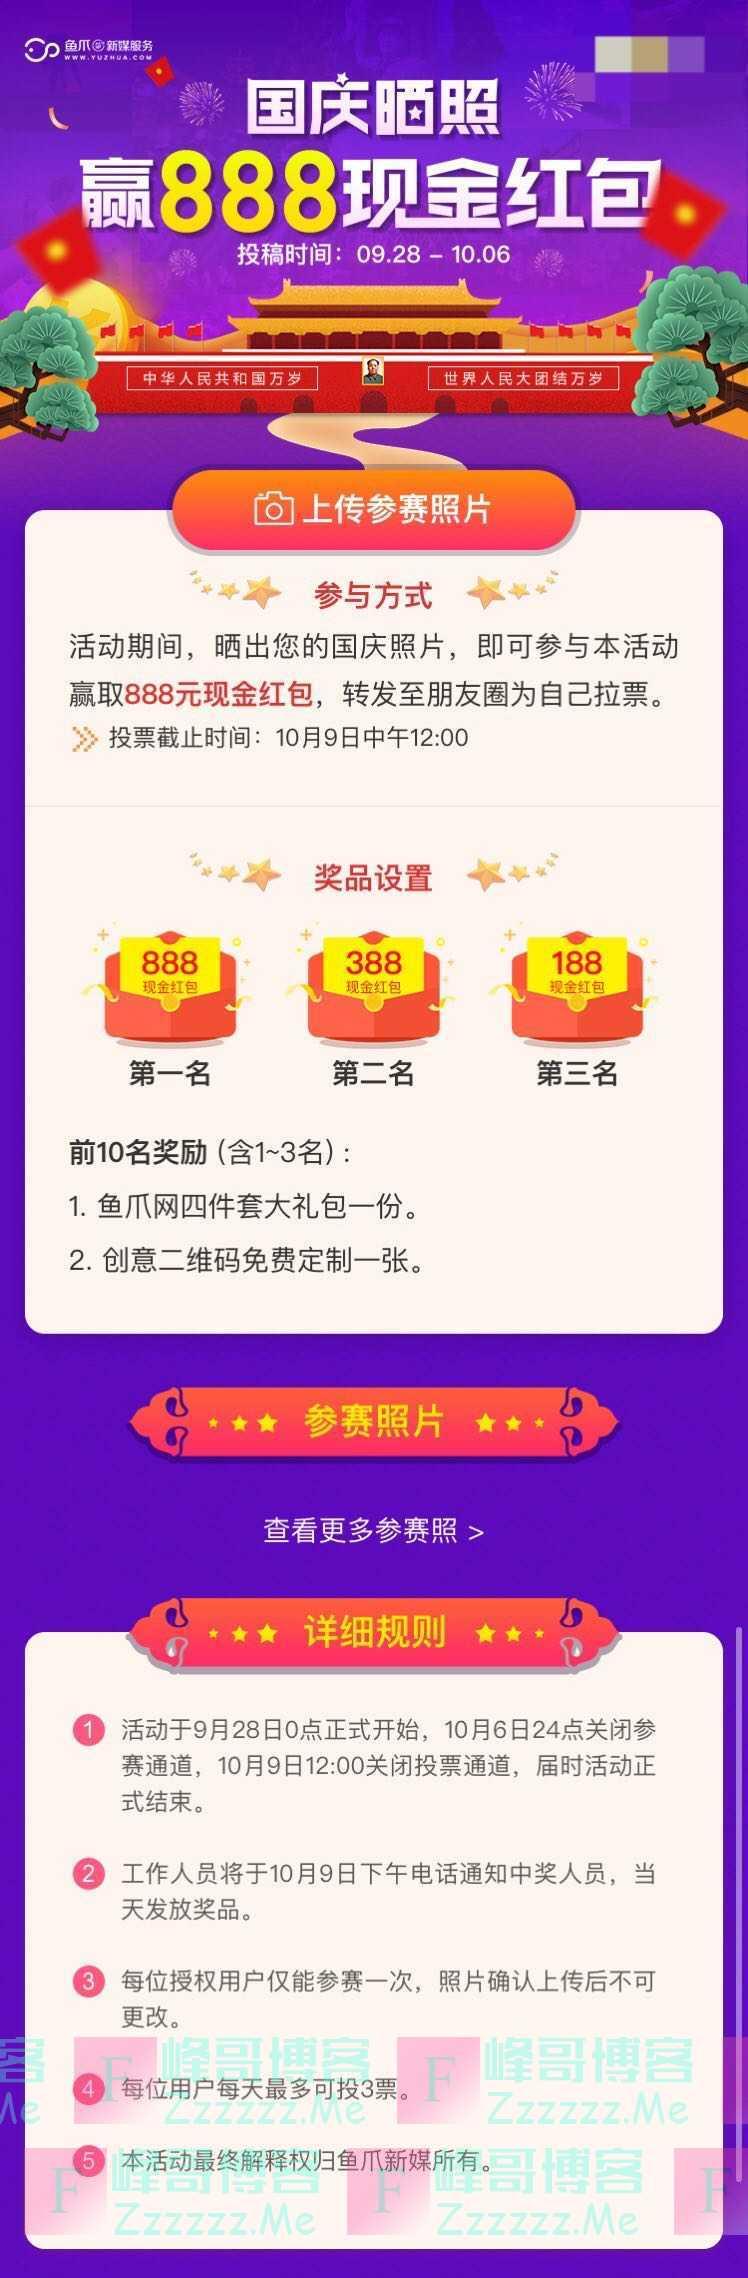 鱼爪新媒平台国庆晒照赢888现金红包(10月6日截止)